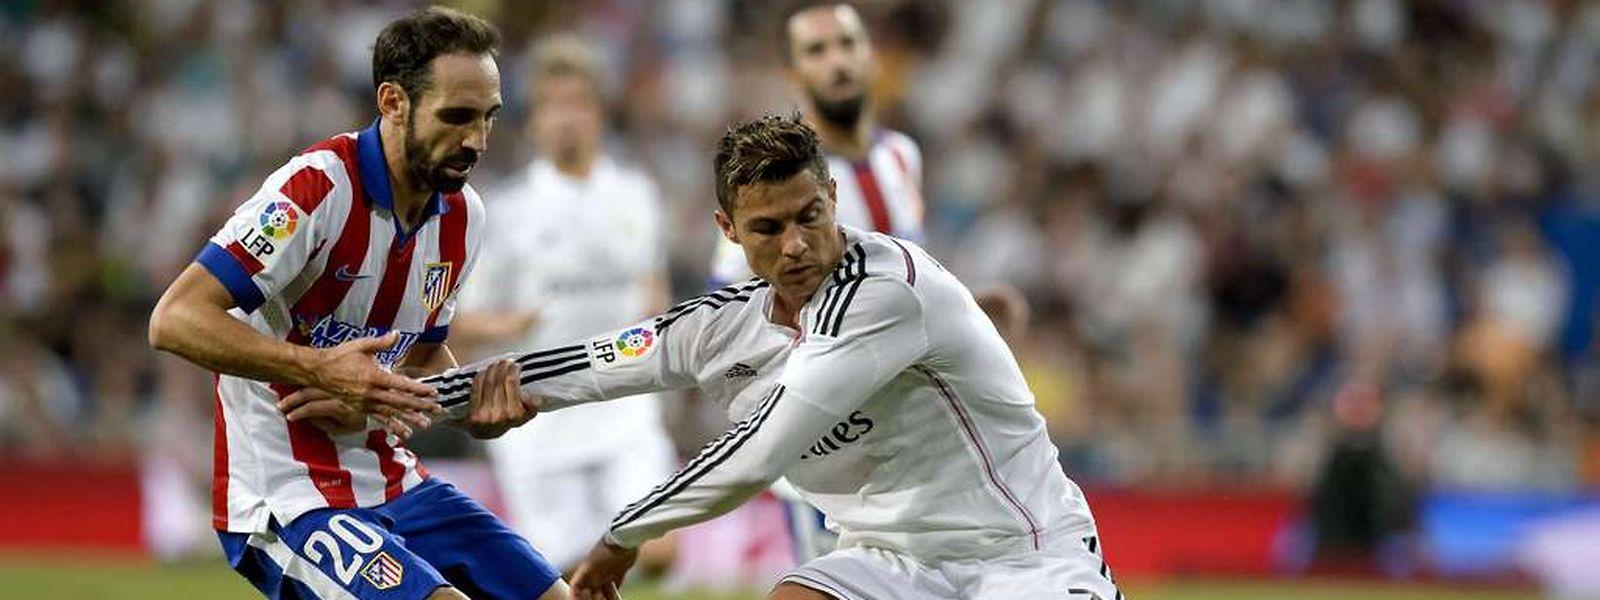 Contrairement à l'Atletico de Juanfran, le Real Madrid de Cristiano Ronaldo est en proie au doute. Carlo Ancelotti devrait toutefois confirmer l'équipe battue en Liga avec Iker Casillas dans les buts.